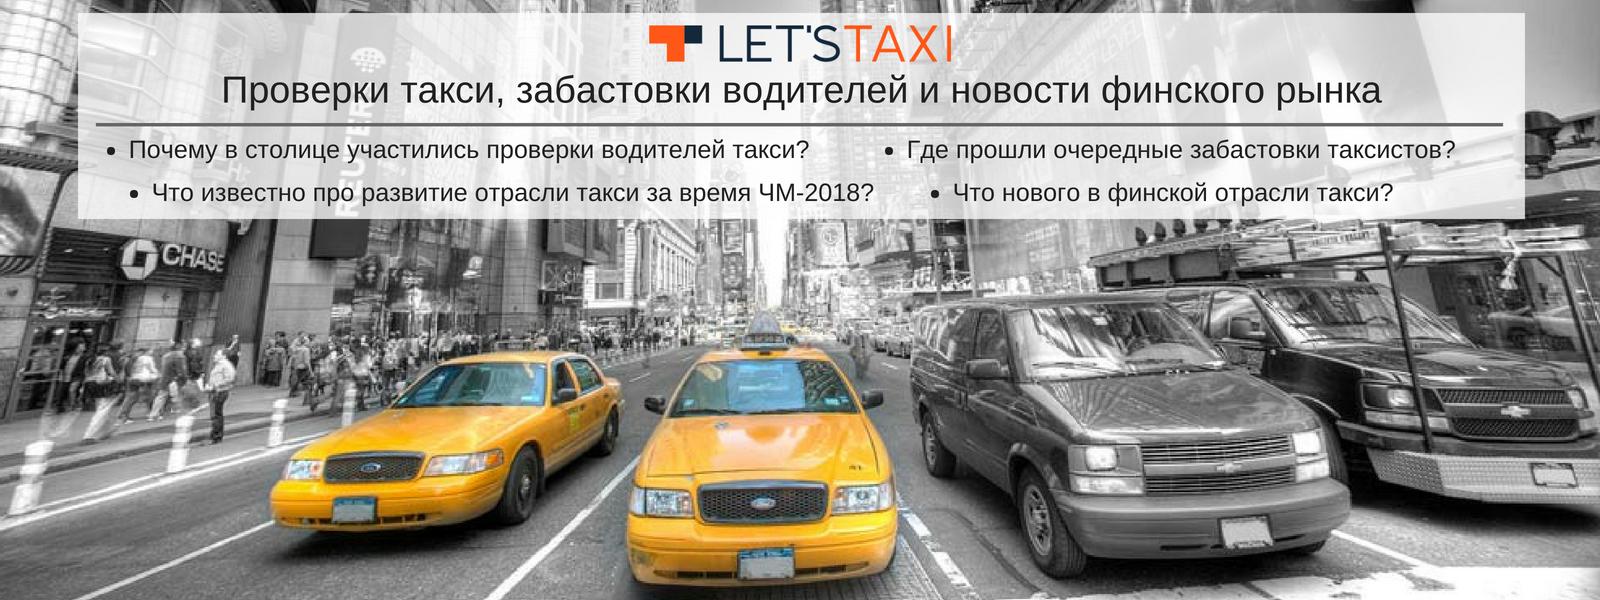 проверки такси в москве